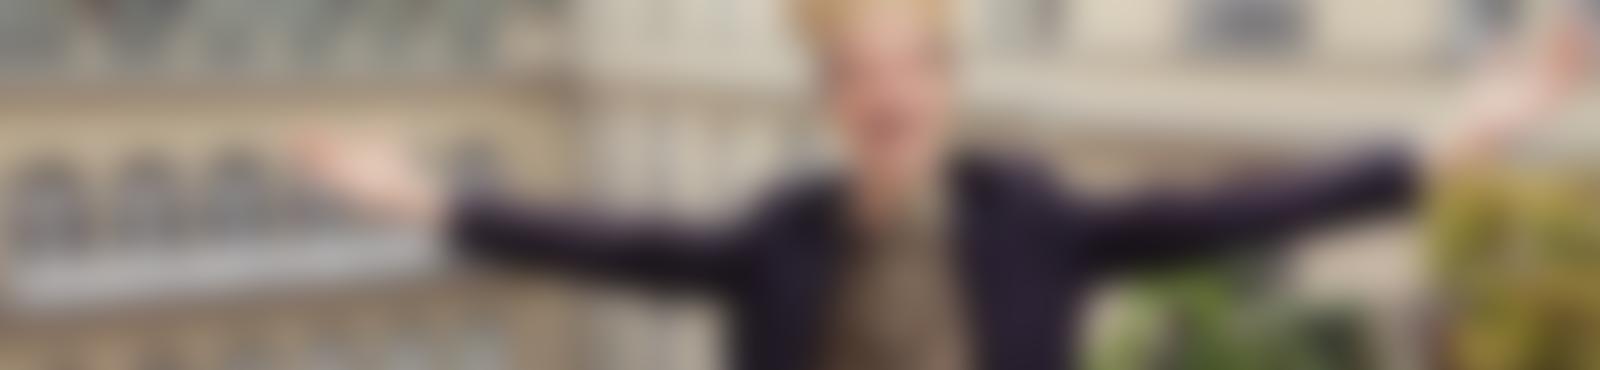 Blurred f4670556 9d22 4263 bba8 dae4eac47ee8